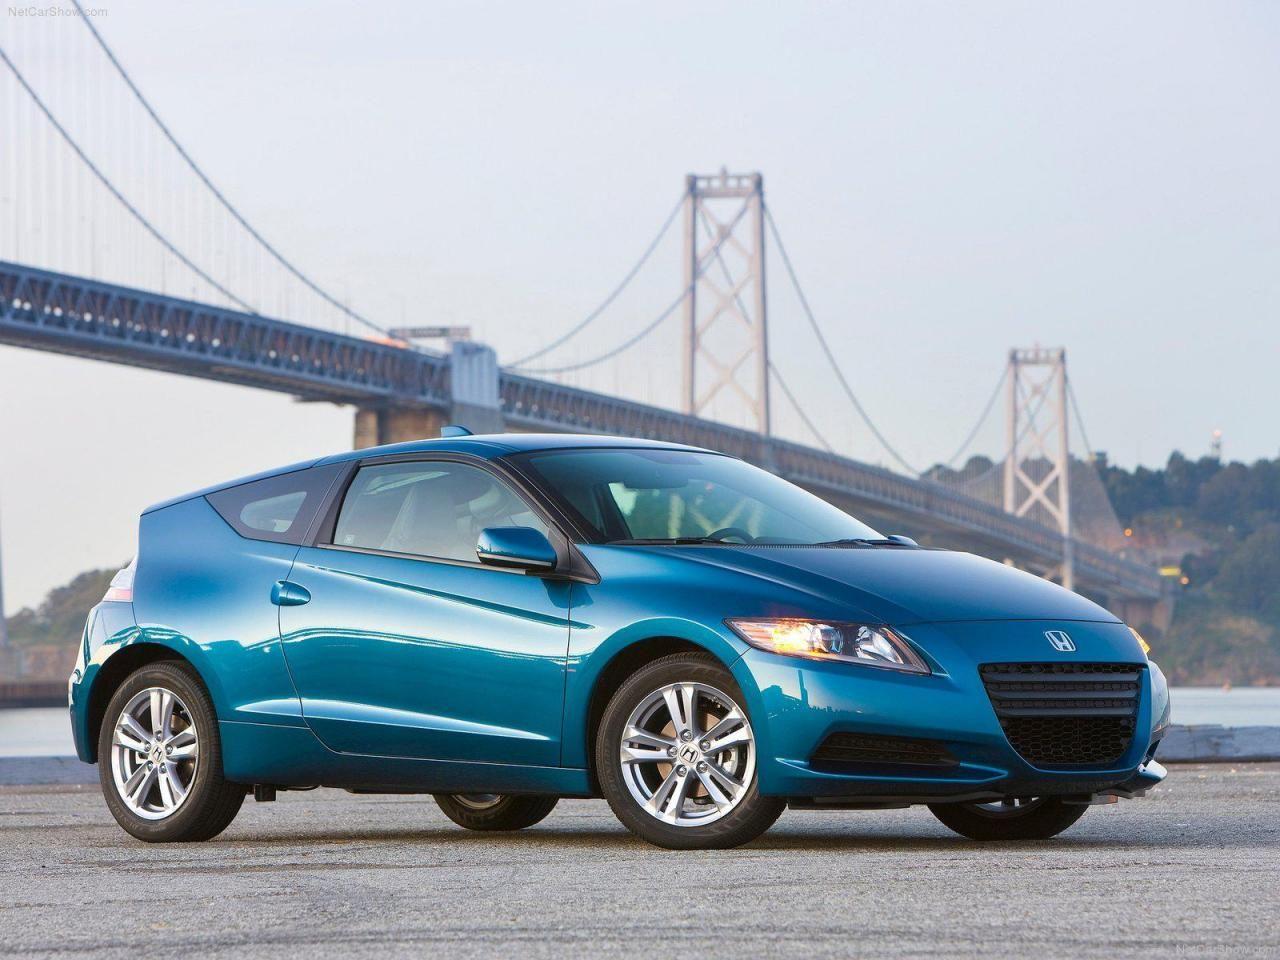 2012 Honda CR Z Honda cars, Honda car models, Hybrid car